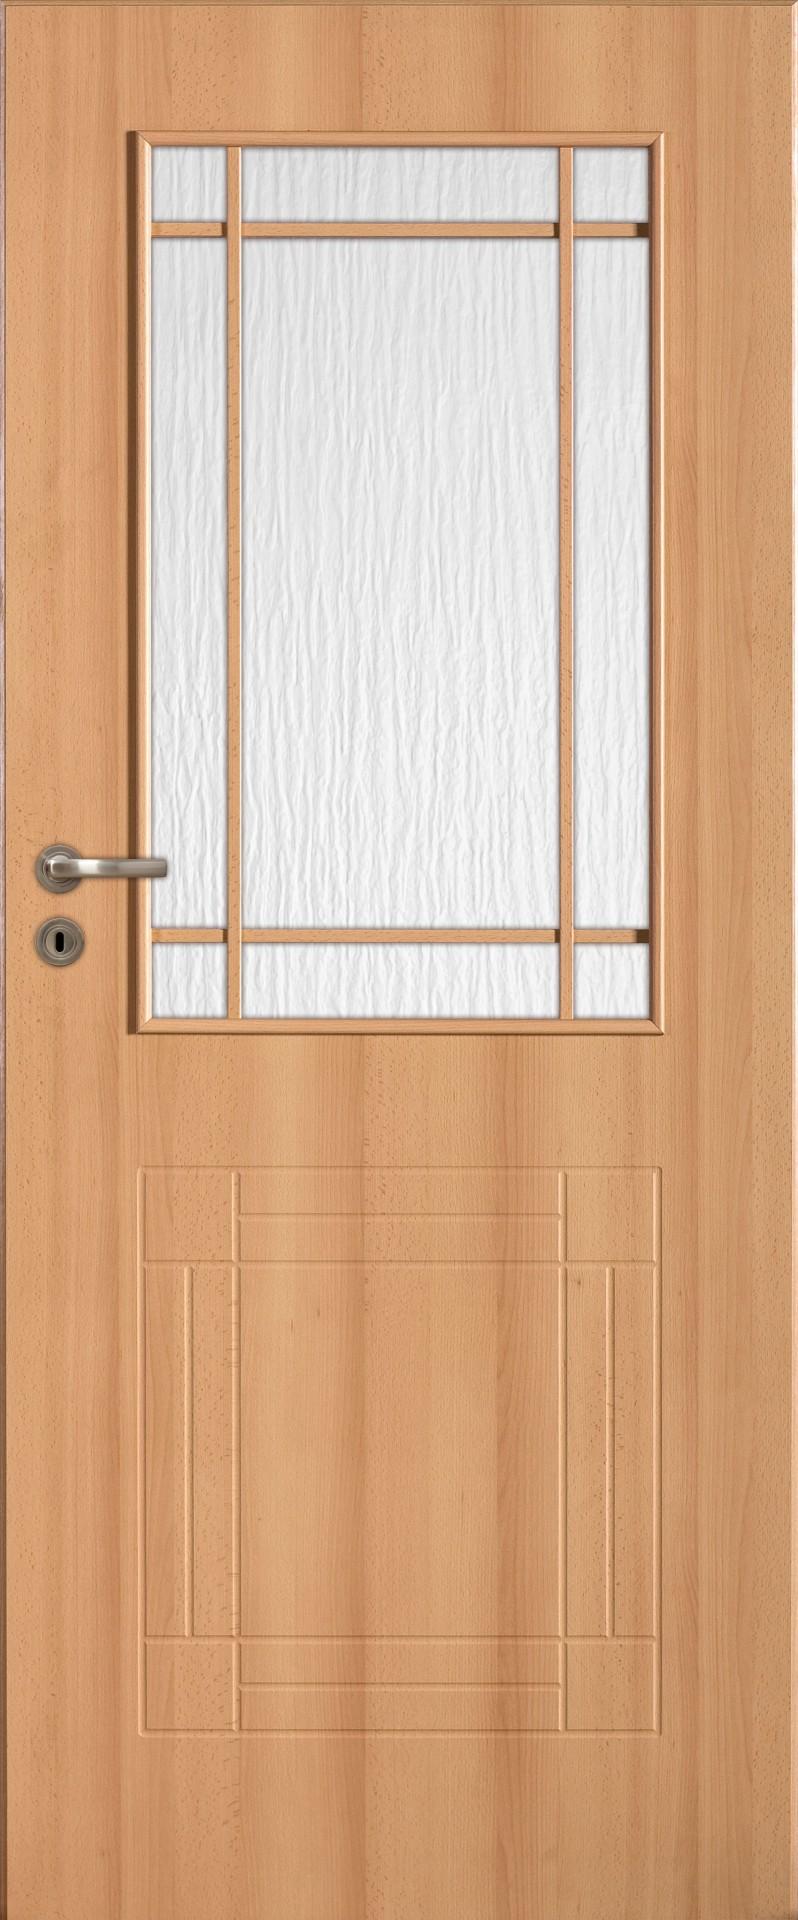 Dre dveře Linea 30s, Šíře v cm 60